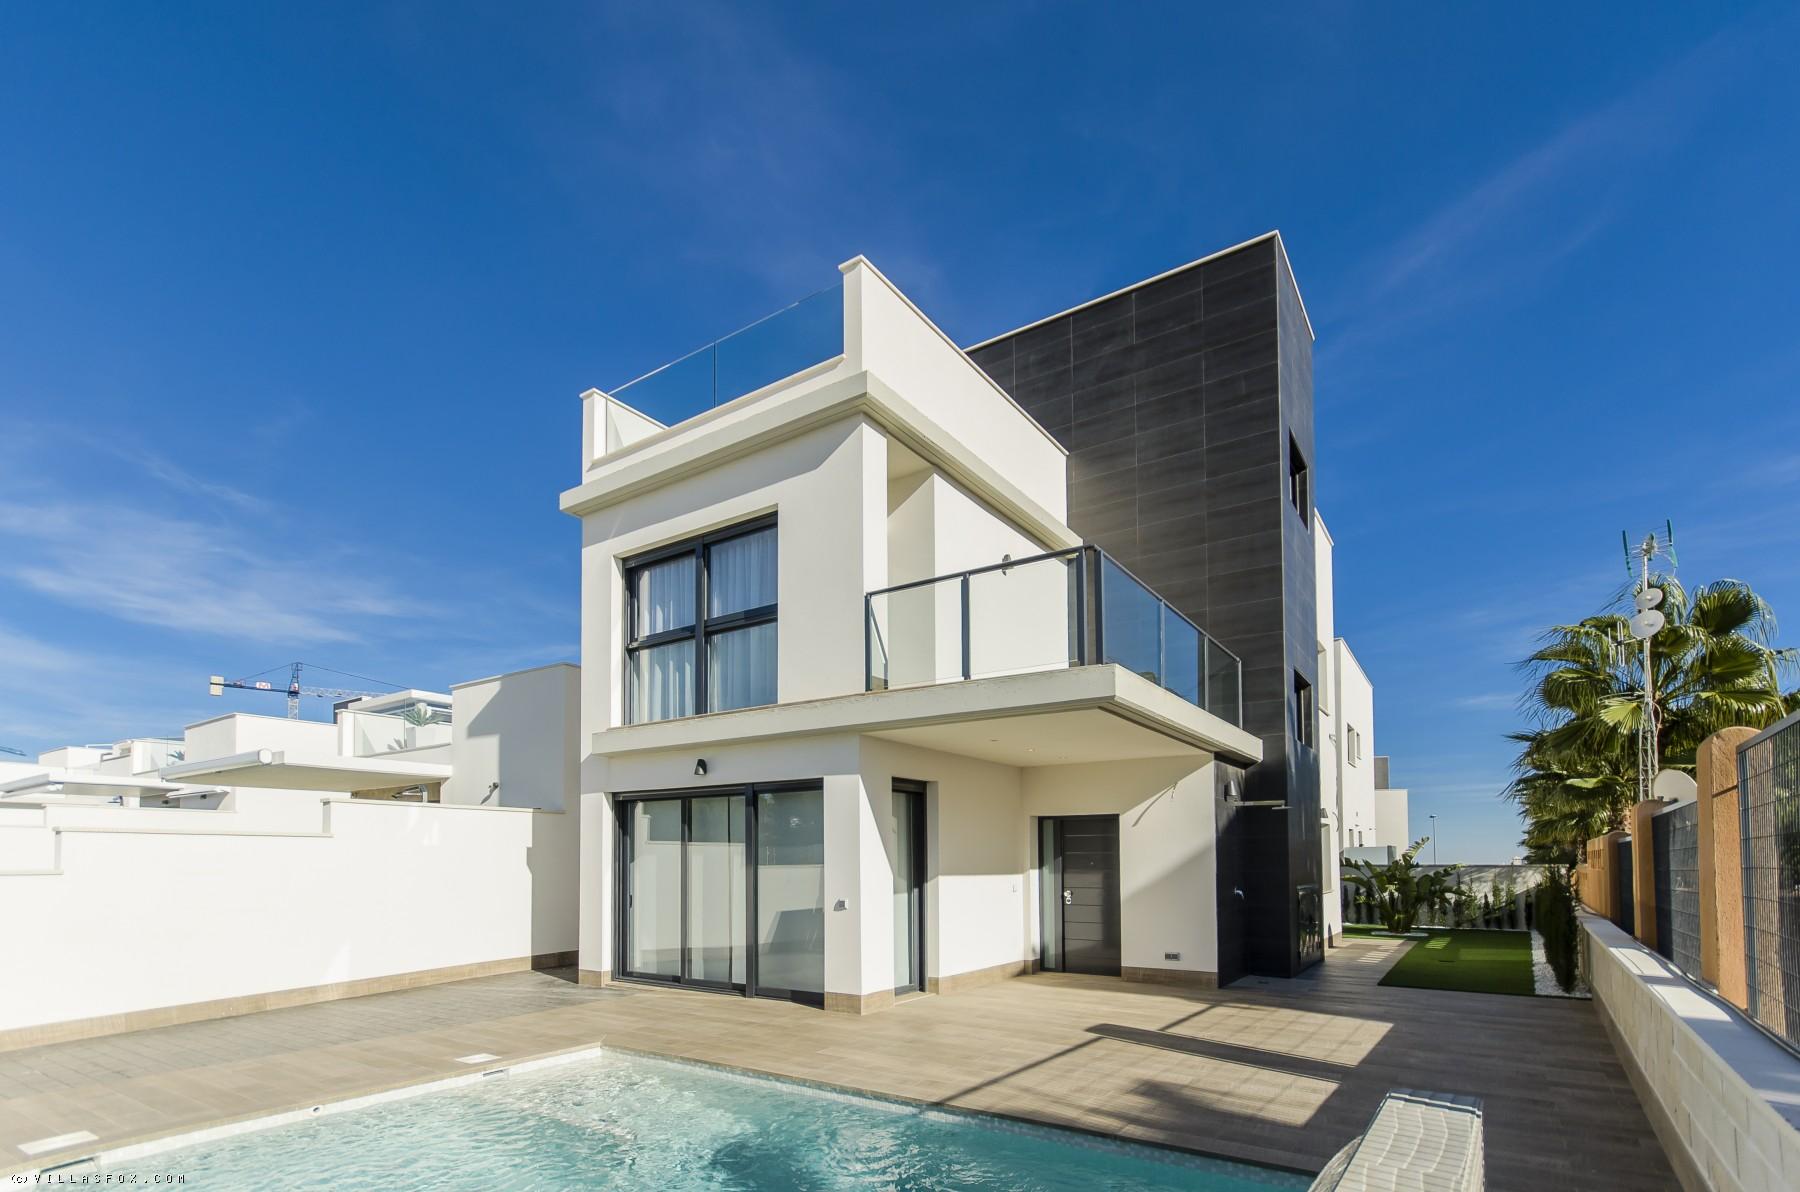 New-build 3-bedroom Lea-model villas, Bellavista